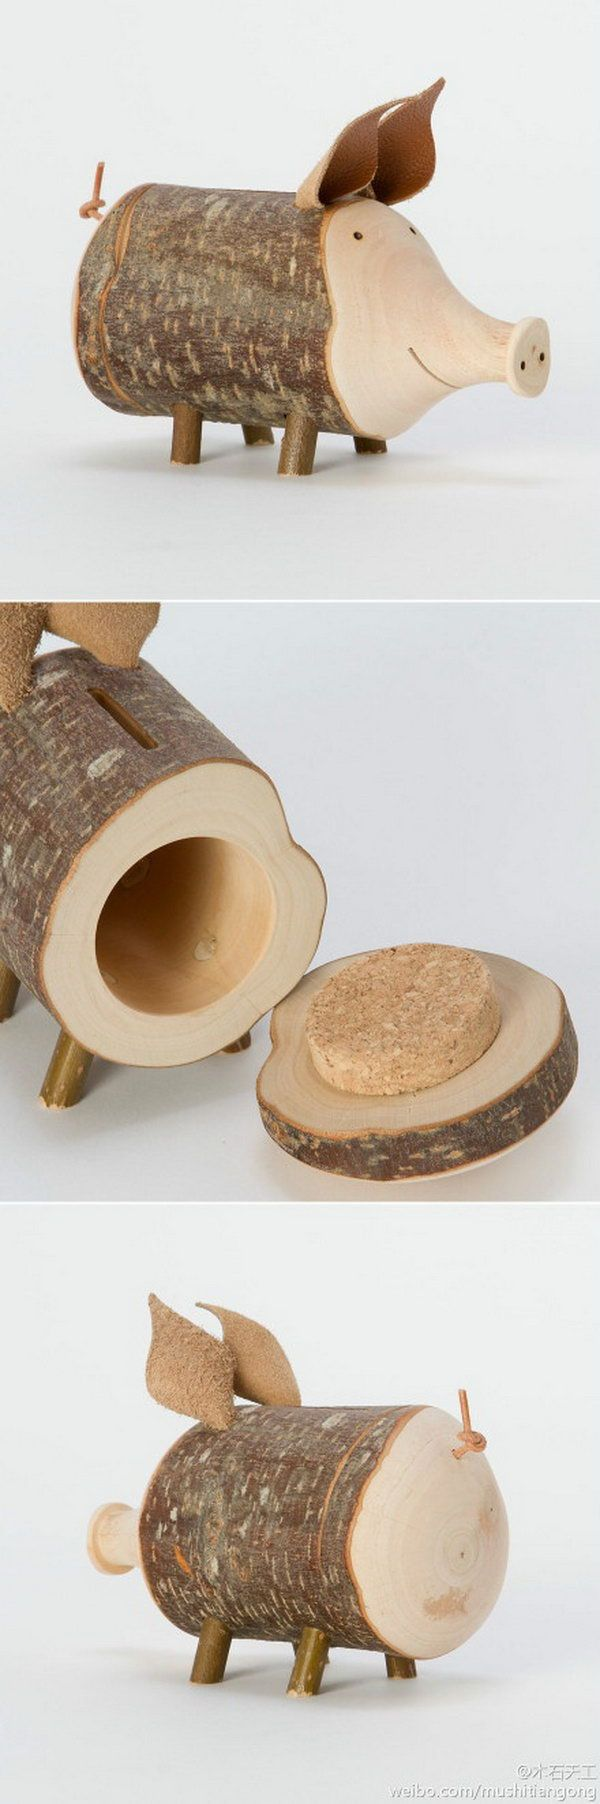 Wooden Piggy Bank #woodworking #wooden #wood #woodwork #piggybank #pig